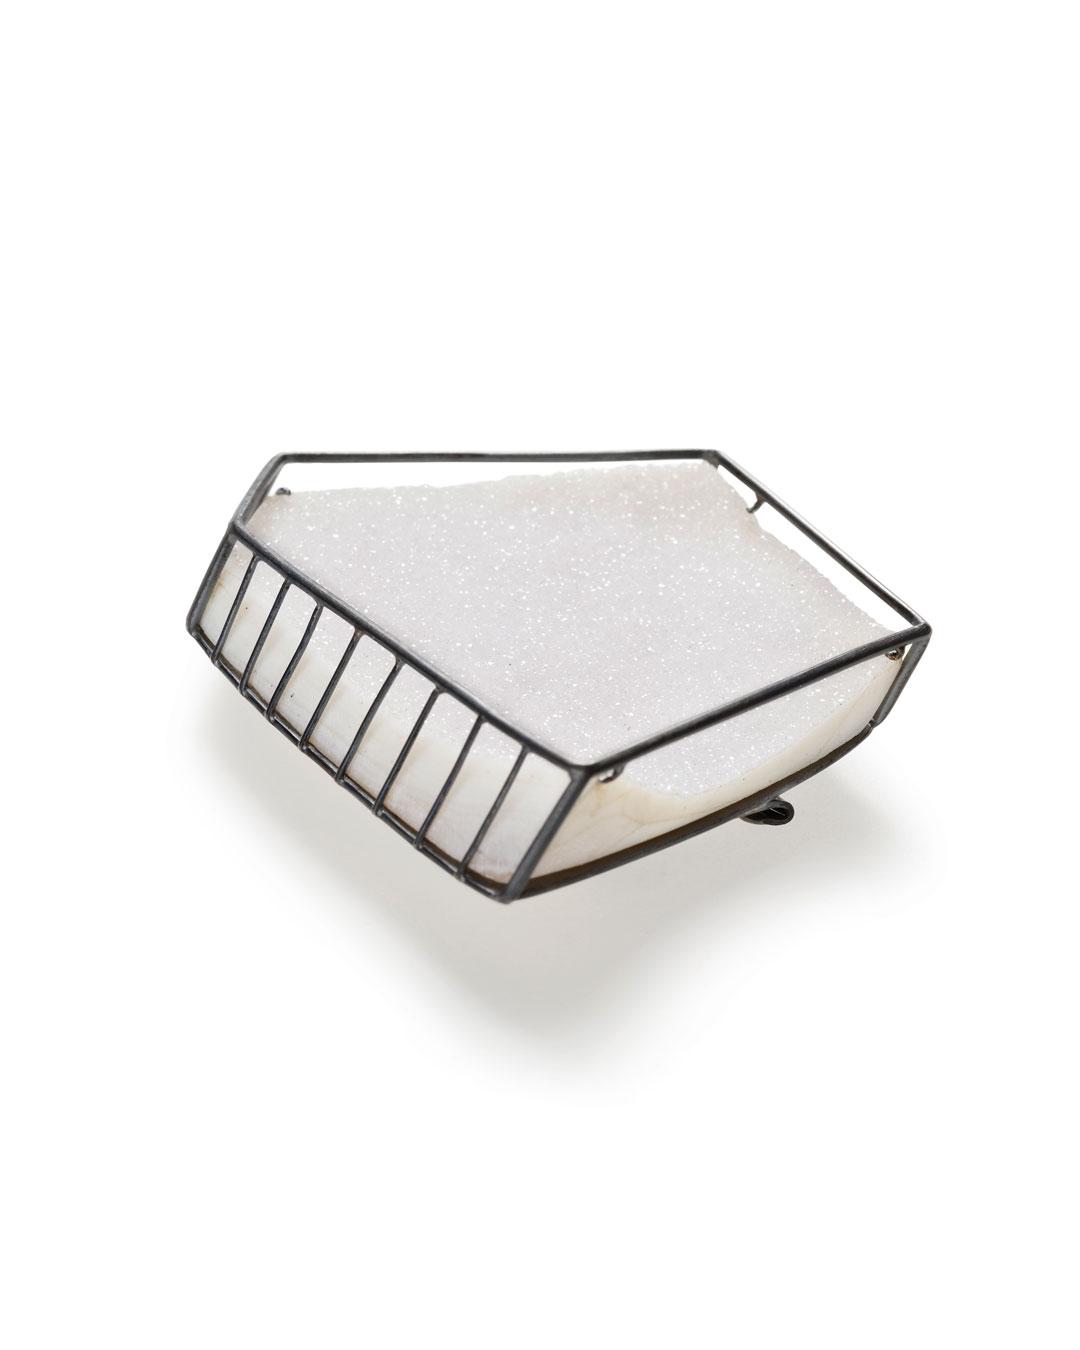 Etsuko Sonobe, Snow Ice, 2012, brooch; silver, quartz geode, 50 x 43 x 15 mm, €1550